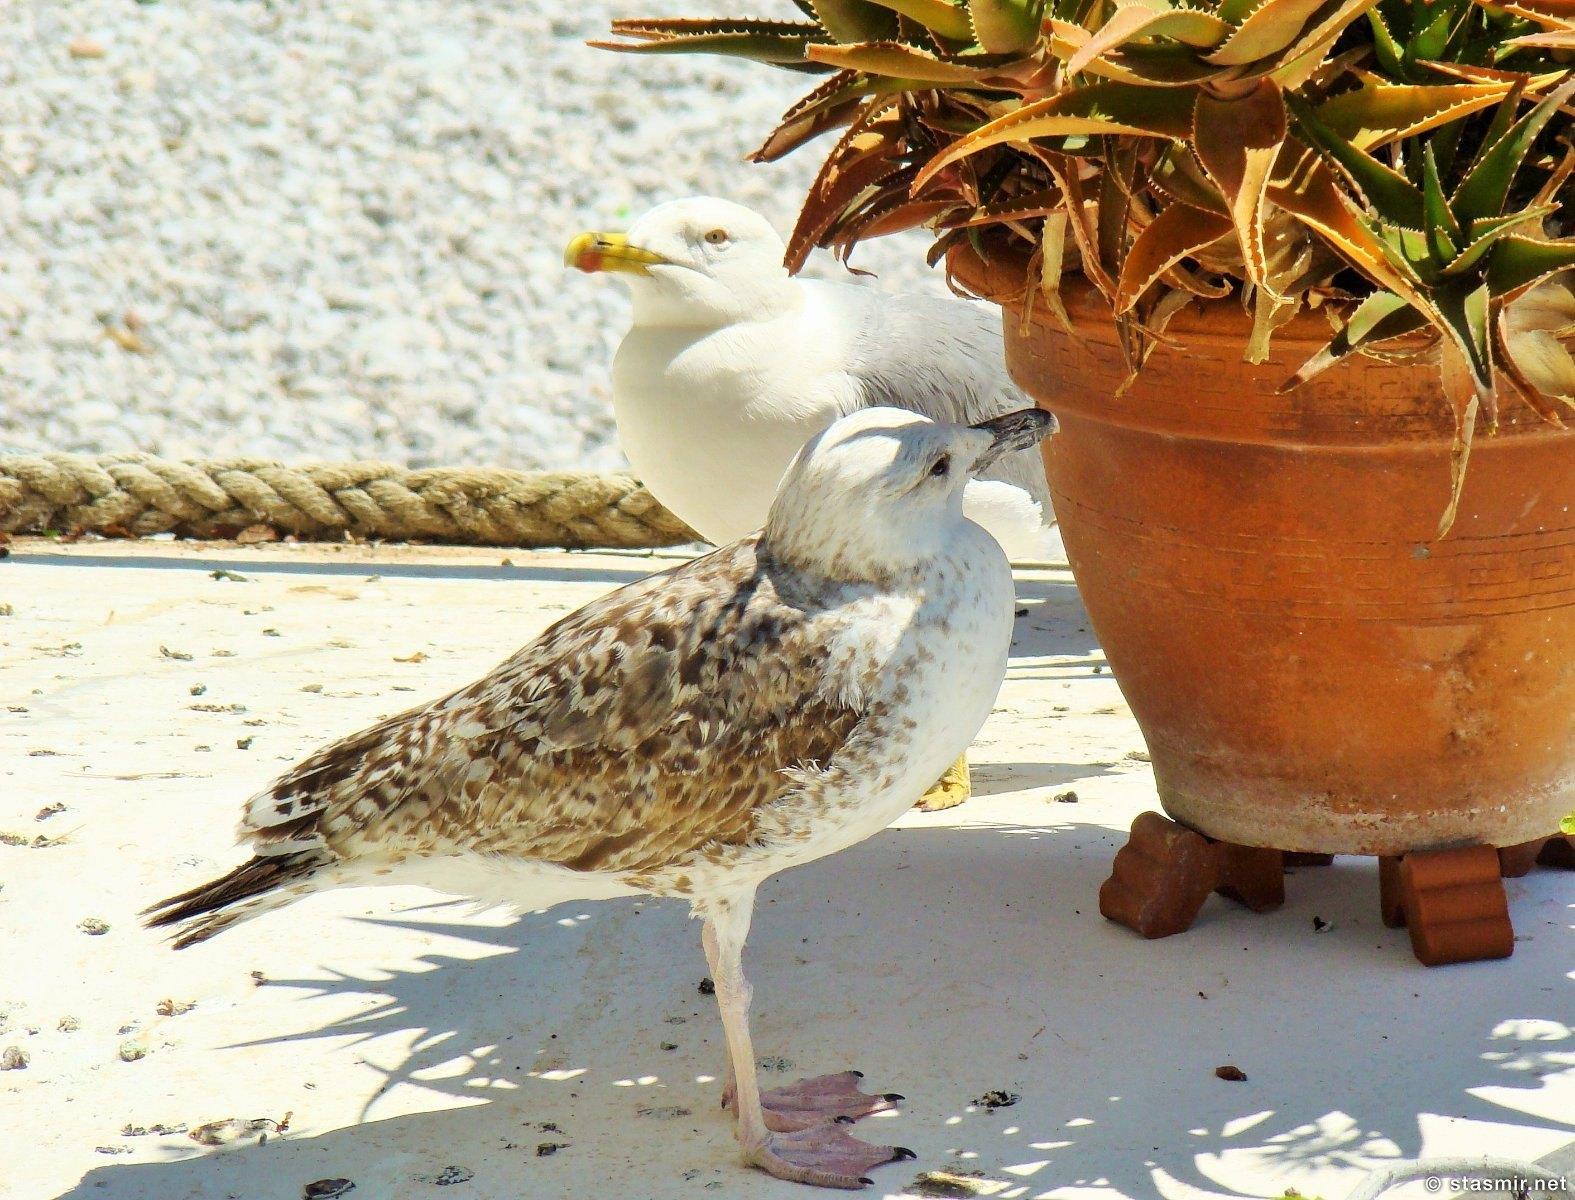 чайки на Капри, Isola Di Capri, остров Капри, фото Стасмир, Photo Stasmir